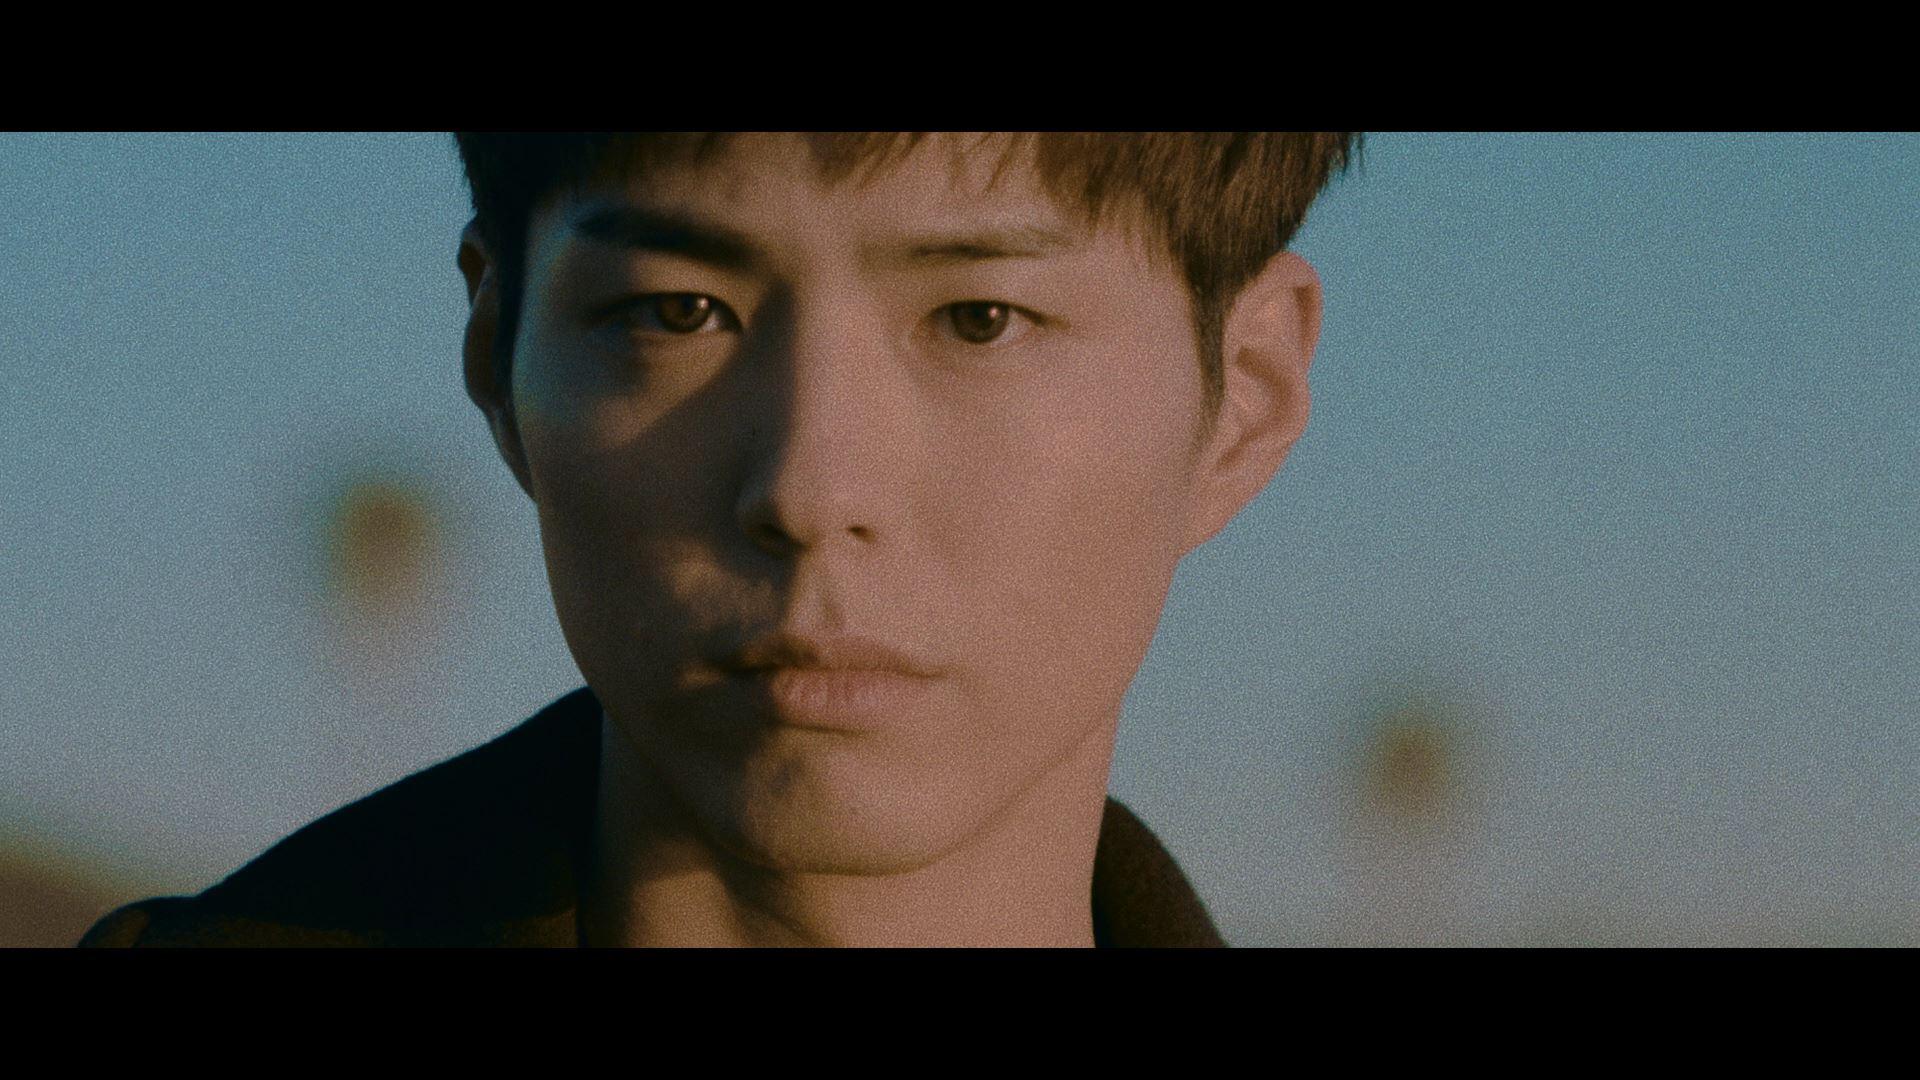 보면 볼 수록 빠져드는 블랙홀 눈빛, 박보검